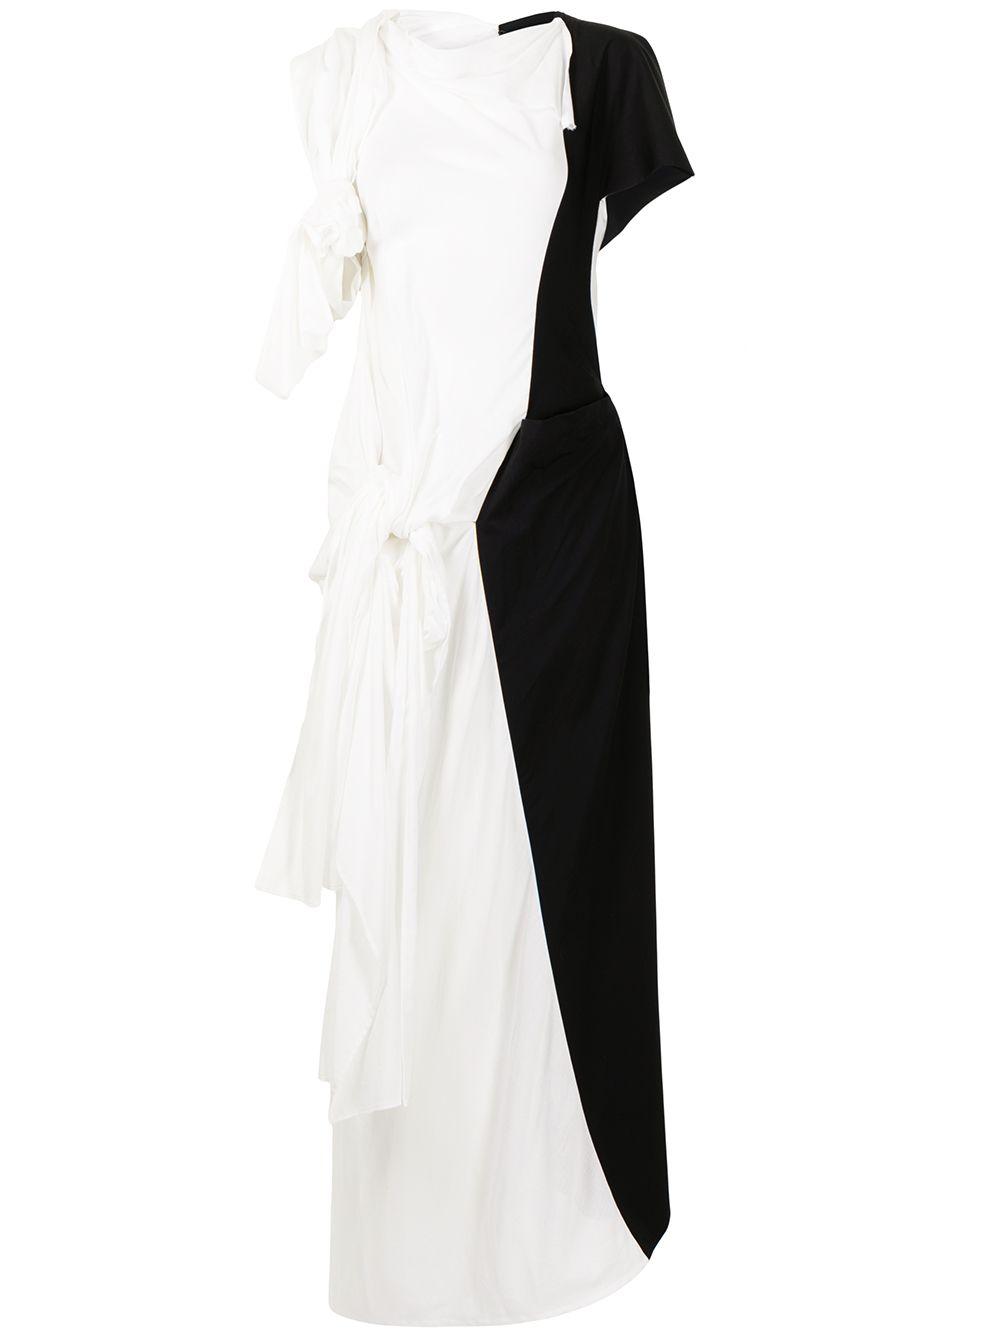 YOHJI YAMAMOTO | Dress | FD-D09-8051